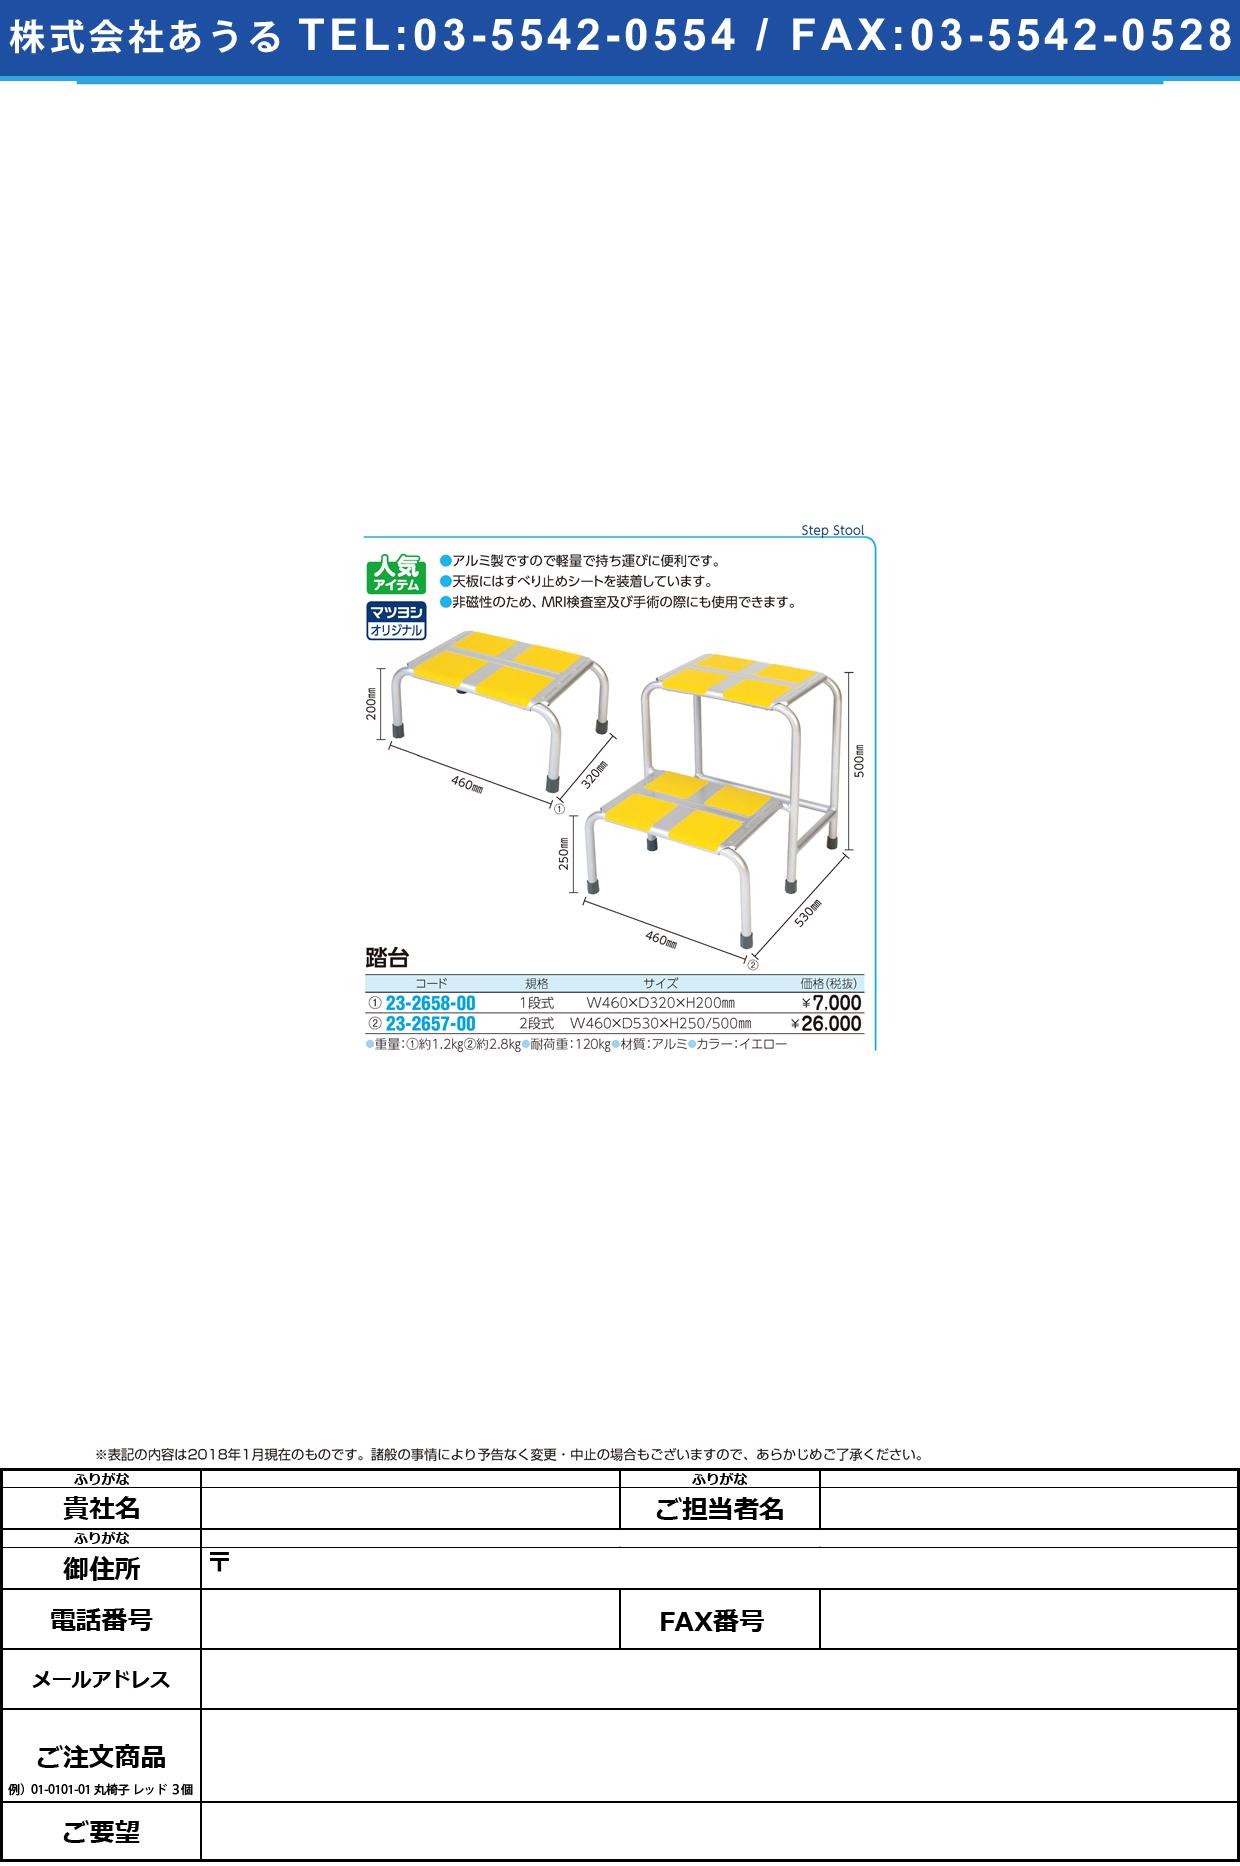 (23-2657-00)踏台(2段式) W460XD530XH250/500MM フミダイ(2ダイシキ)【1台単位】【2019年カタログ商品】